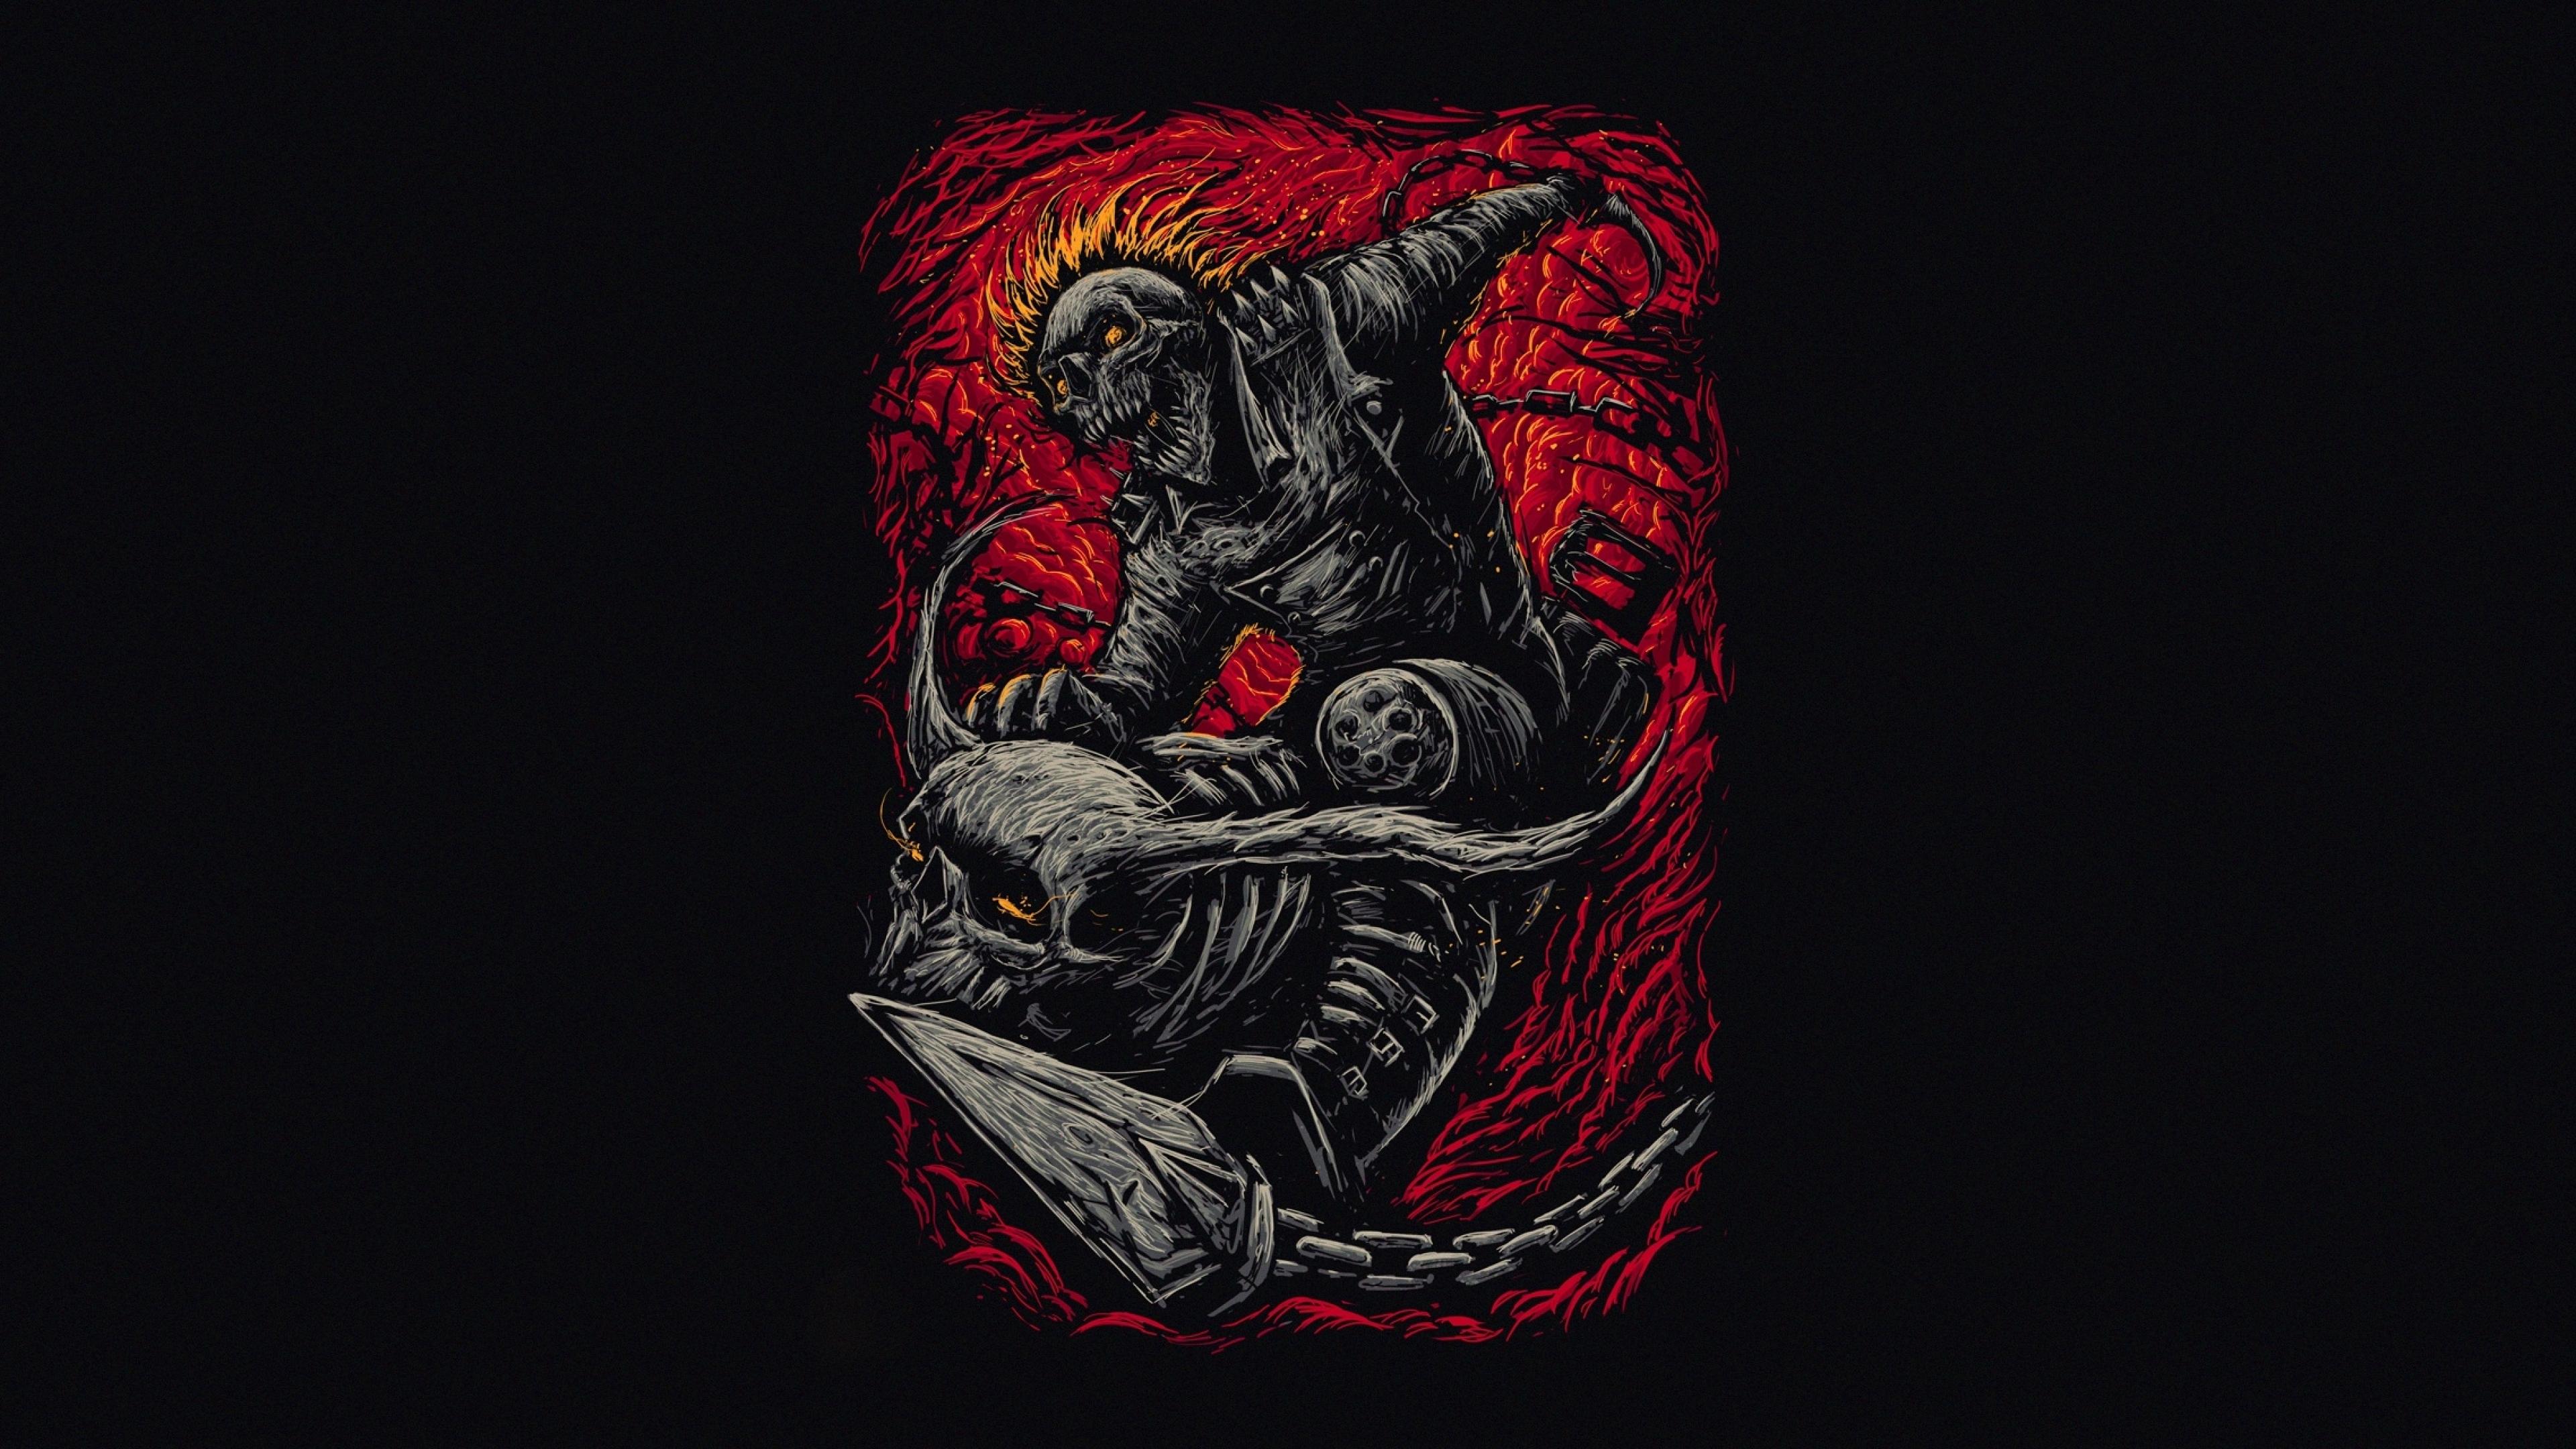 3840x2160 Marvel Ghost Rider Minimalist 4K Wallpaper, HD ...